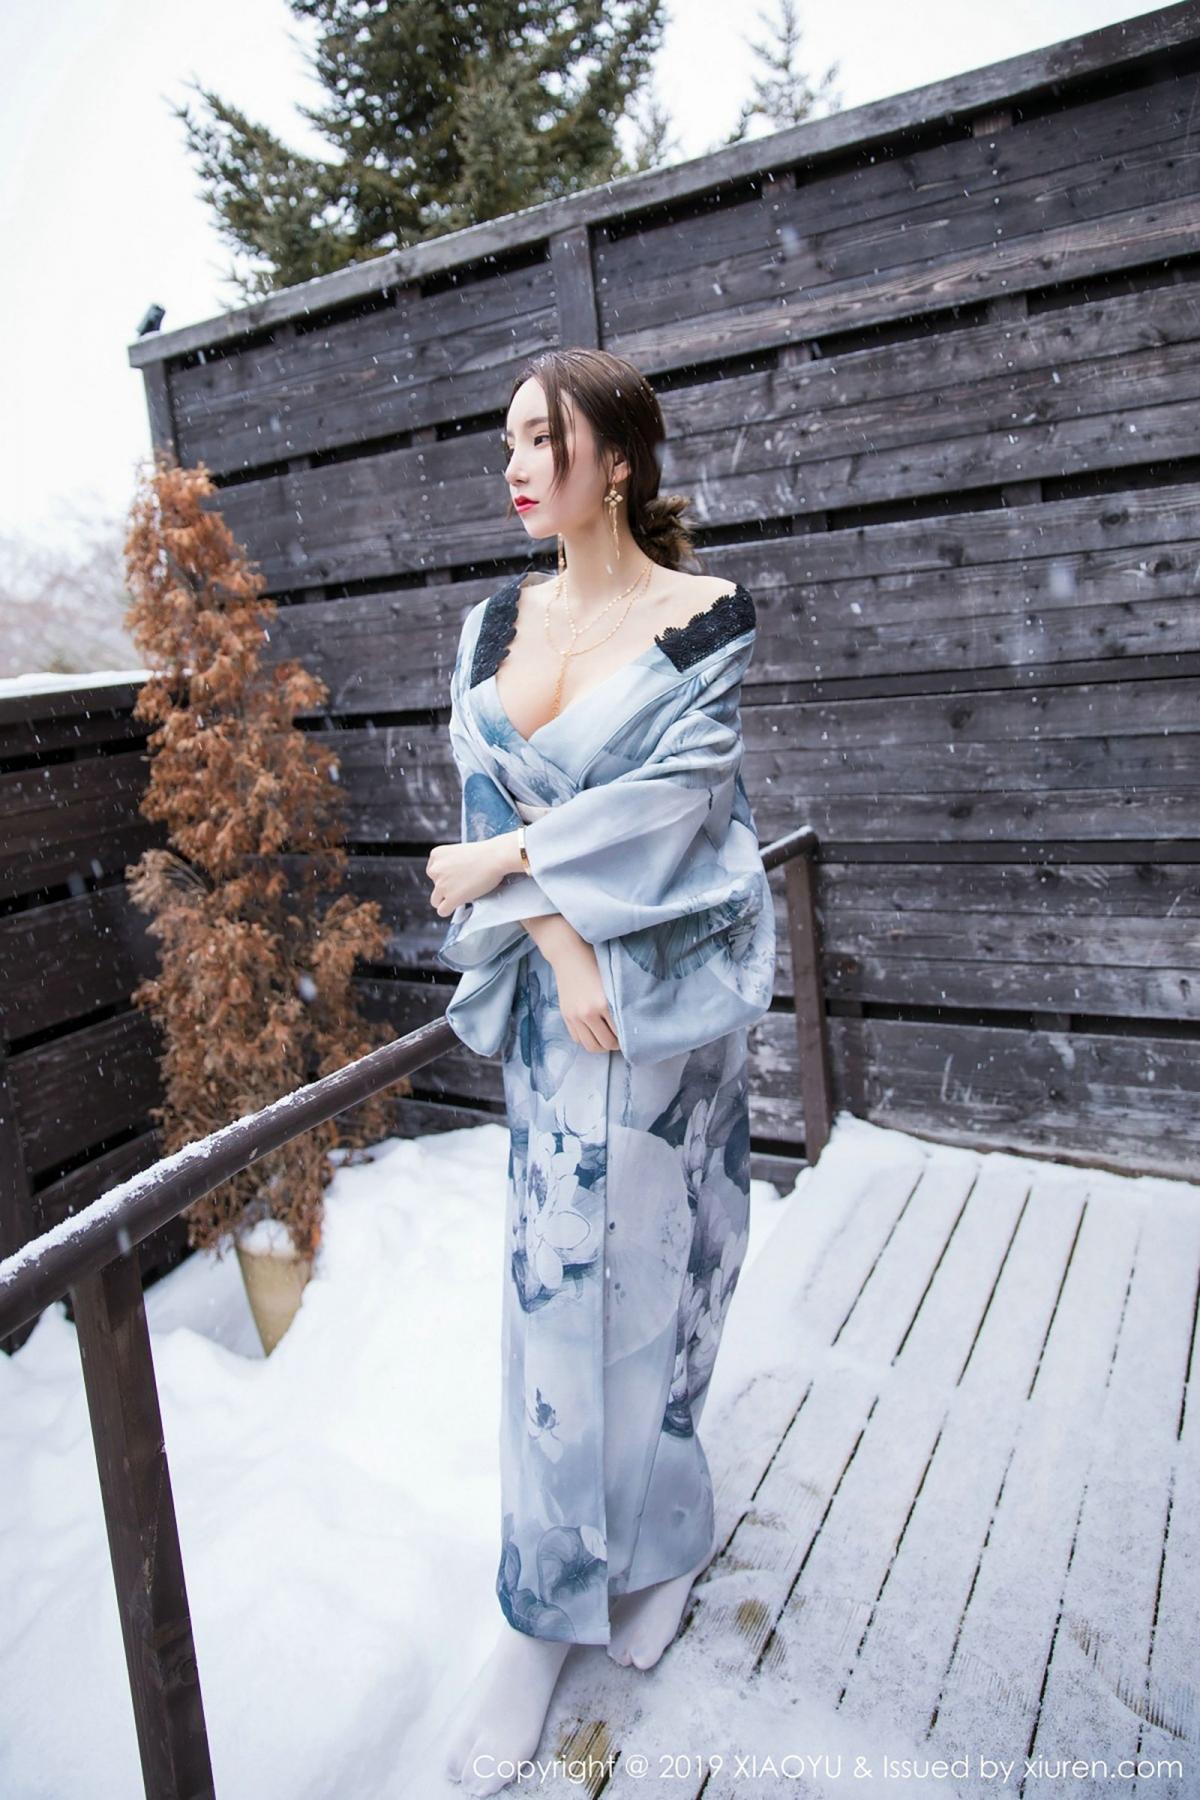 [XiaoYu] Vol.007 Zhou Yu Xi 17P, Snow, Tall, XiaoYu, Zhou Yu Xi